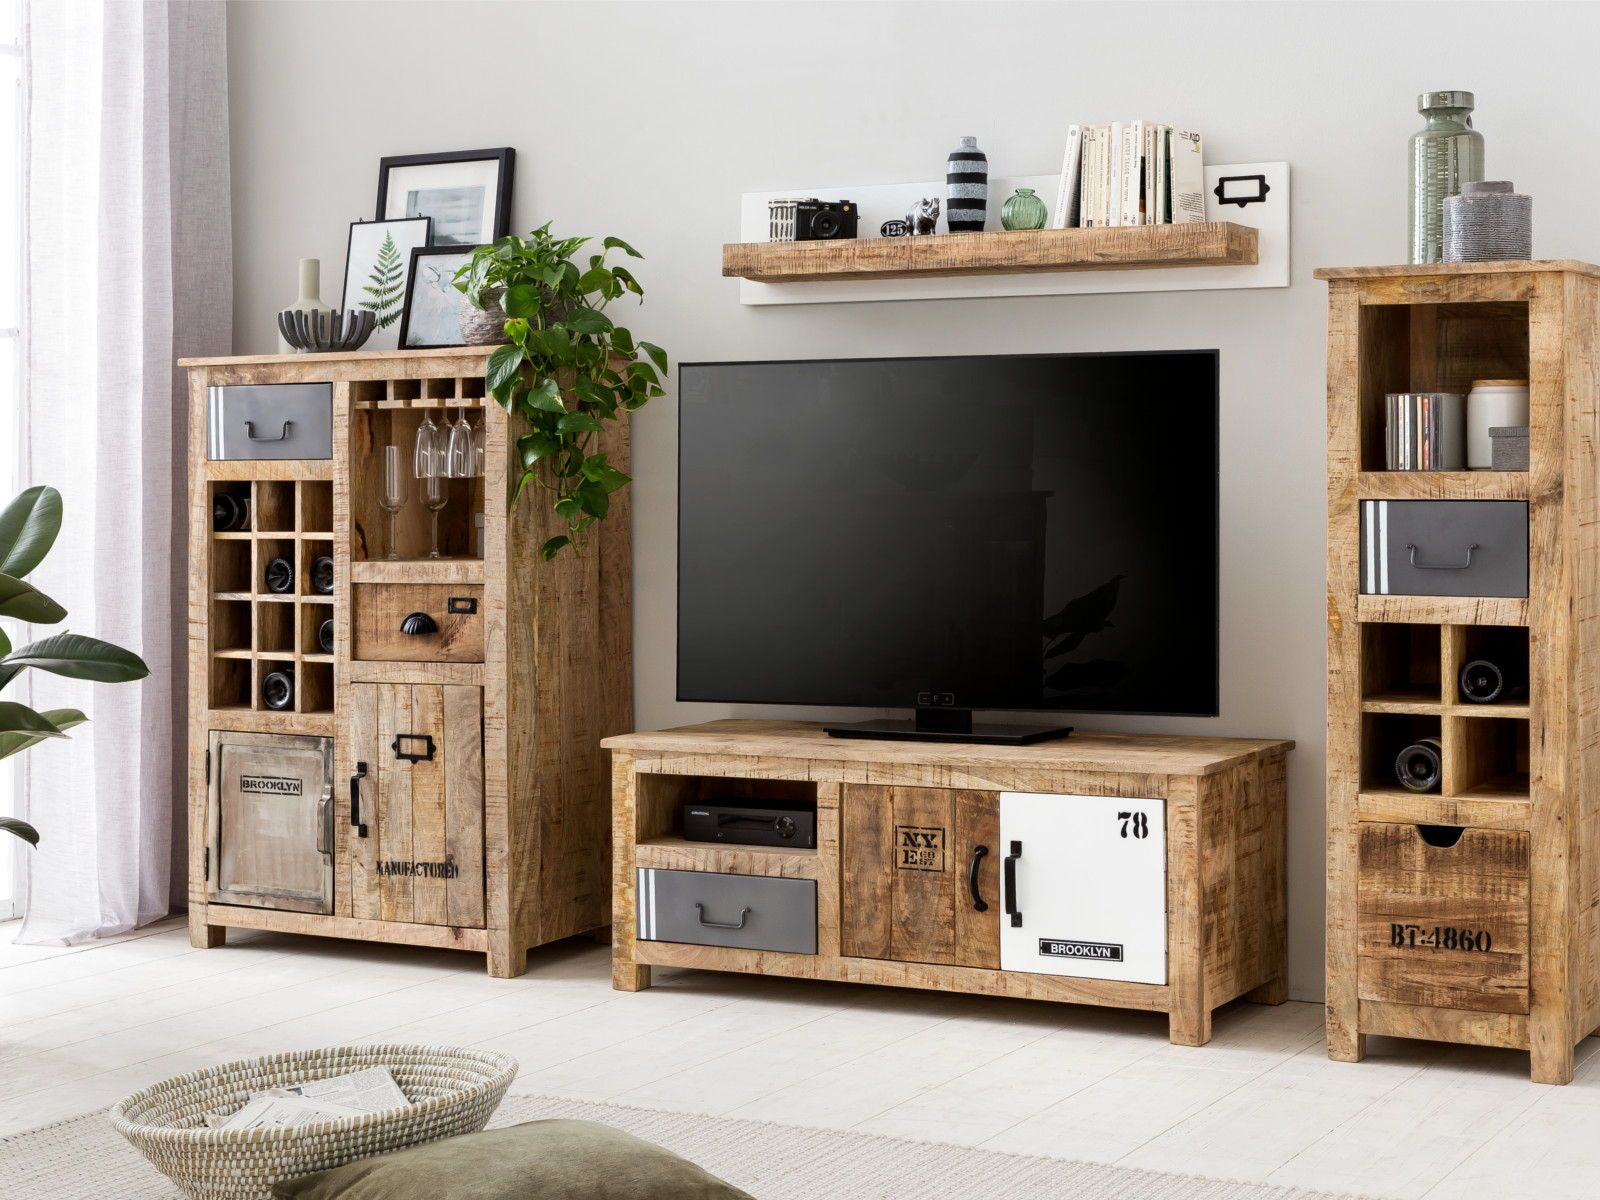 Woodkings Shop  Einrichtungsideen wohnzimmer rustikal, Holz